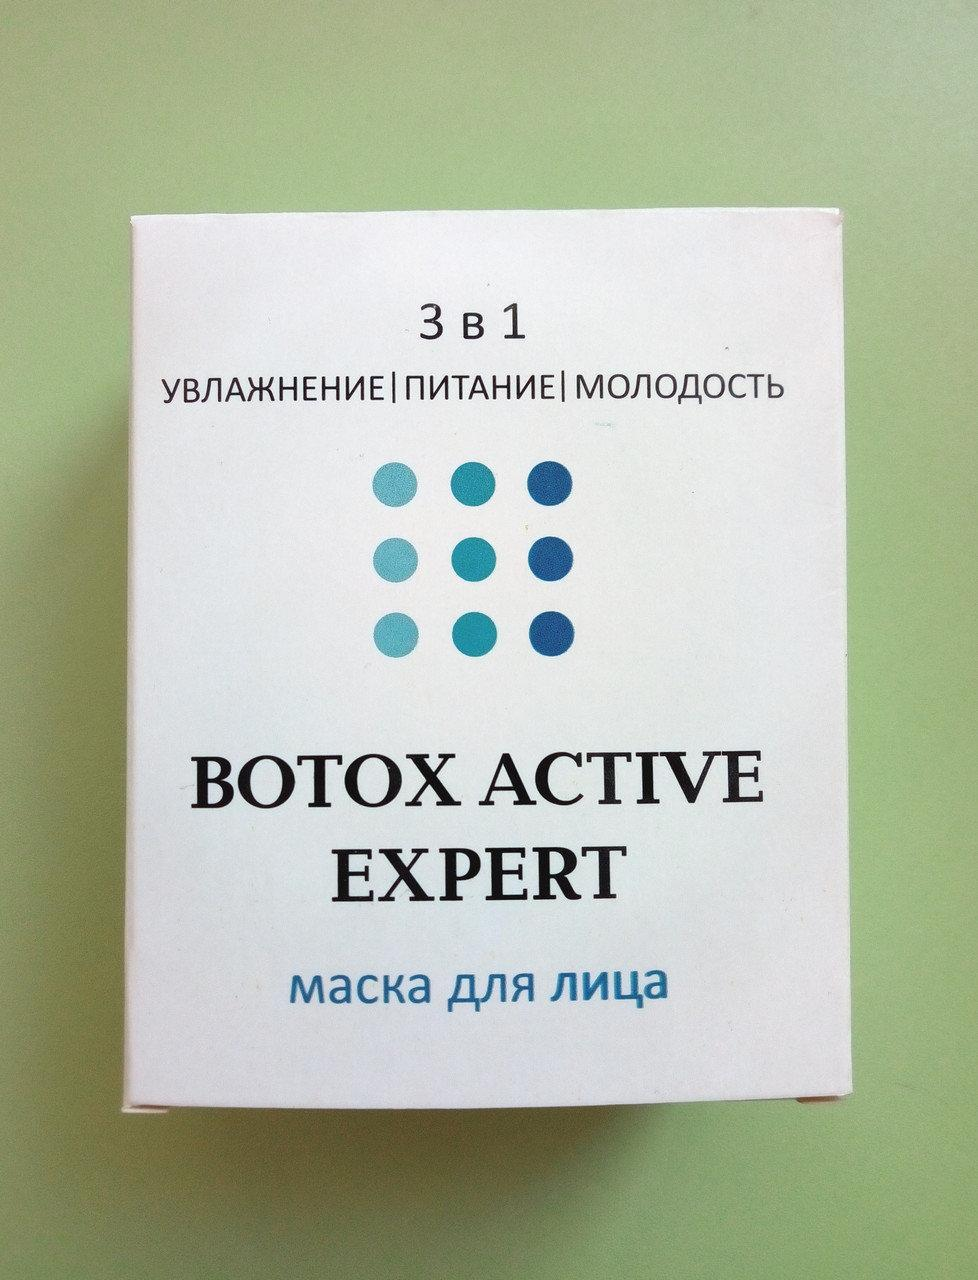 Botox Active Expert (ботокс актив эксперт) – крем-маска